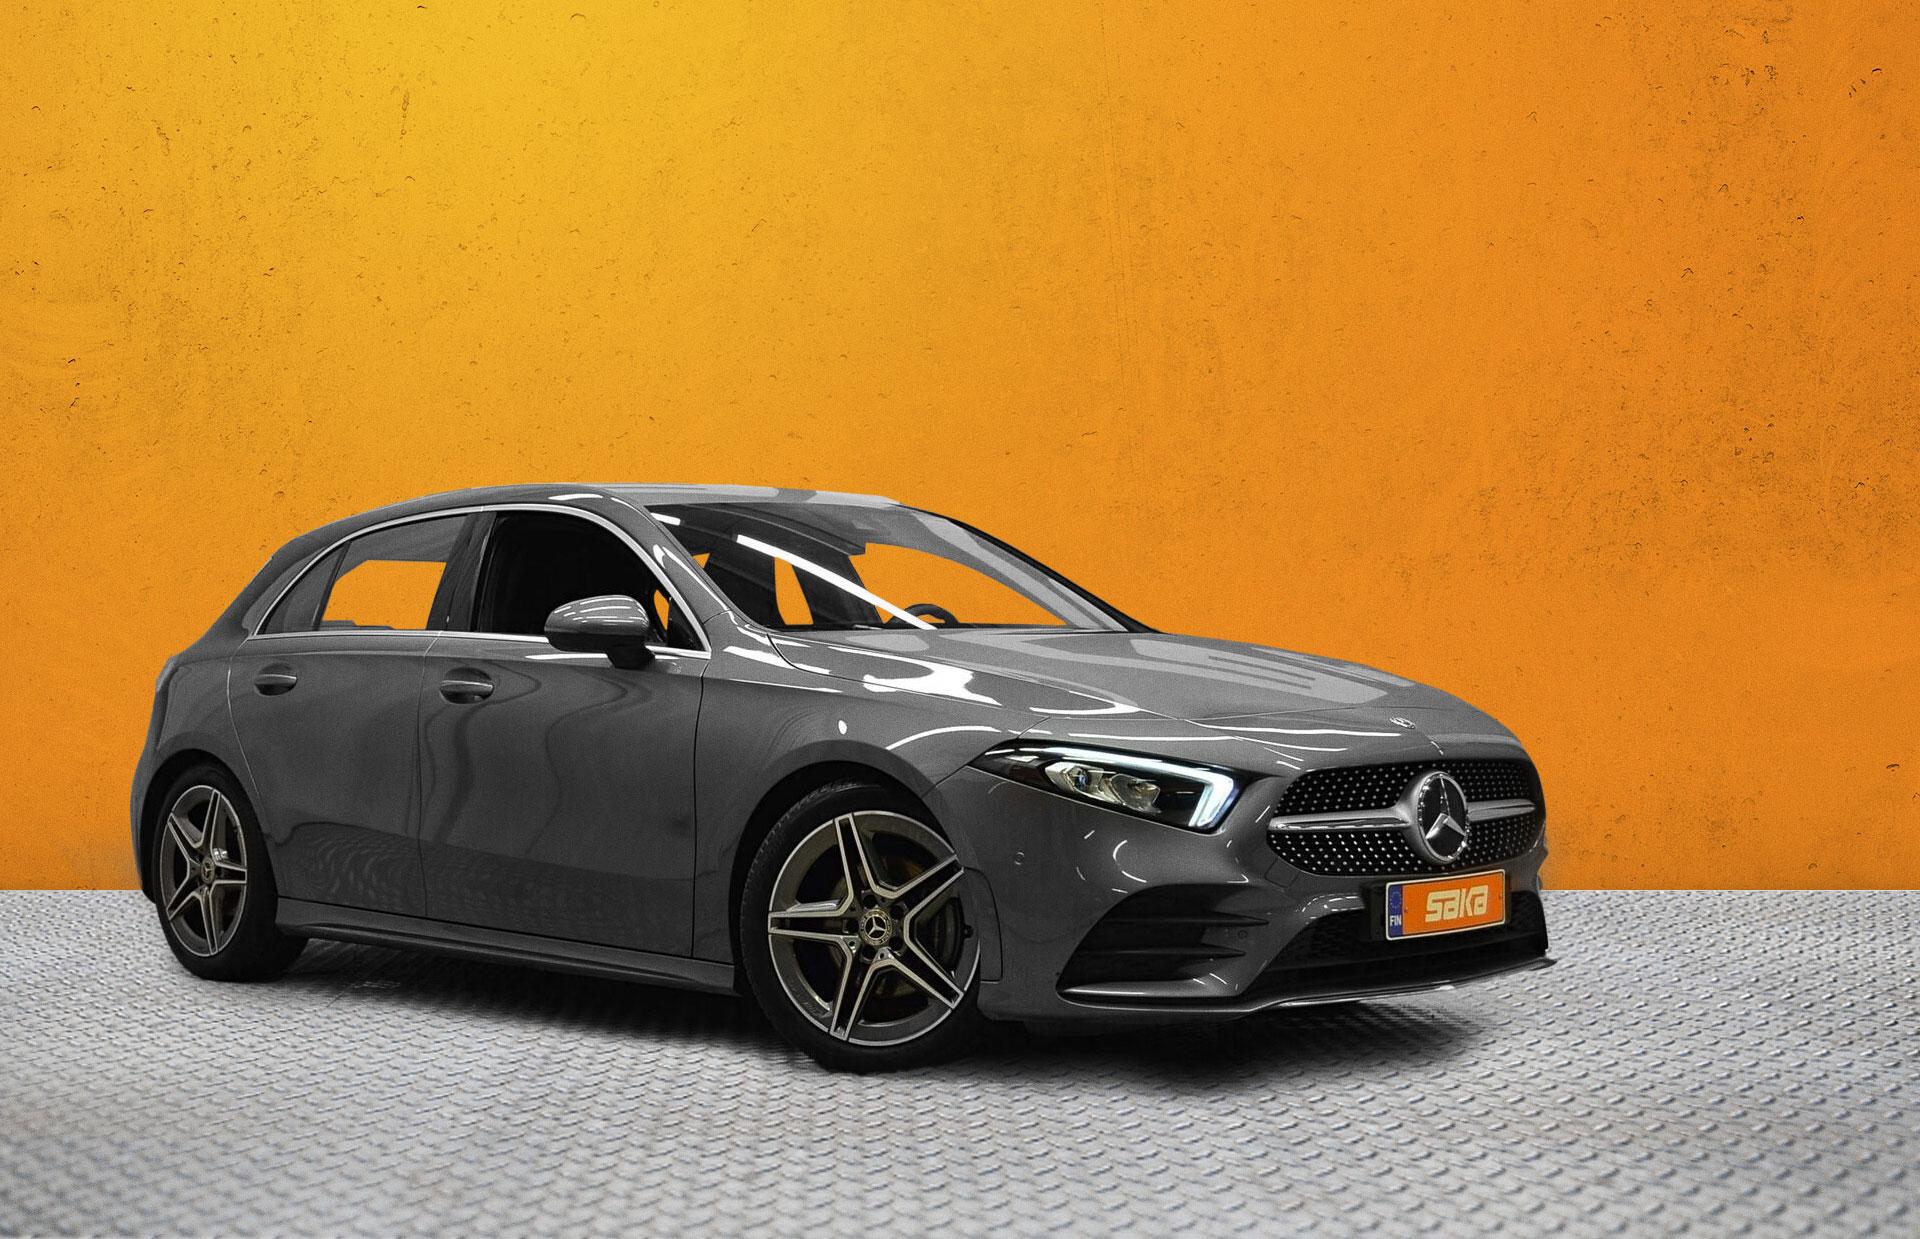 Vi köper bland annat Volvo, Volkswagen och Mercedes-Benz